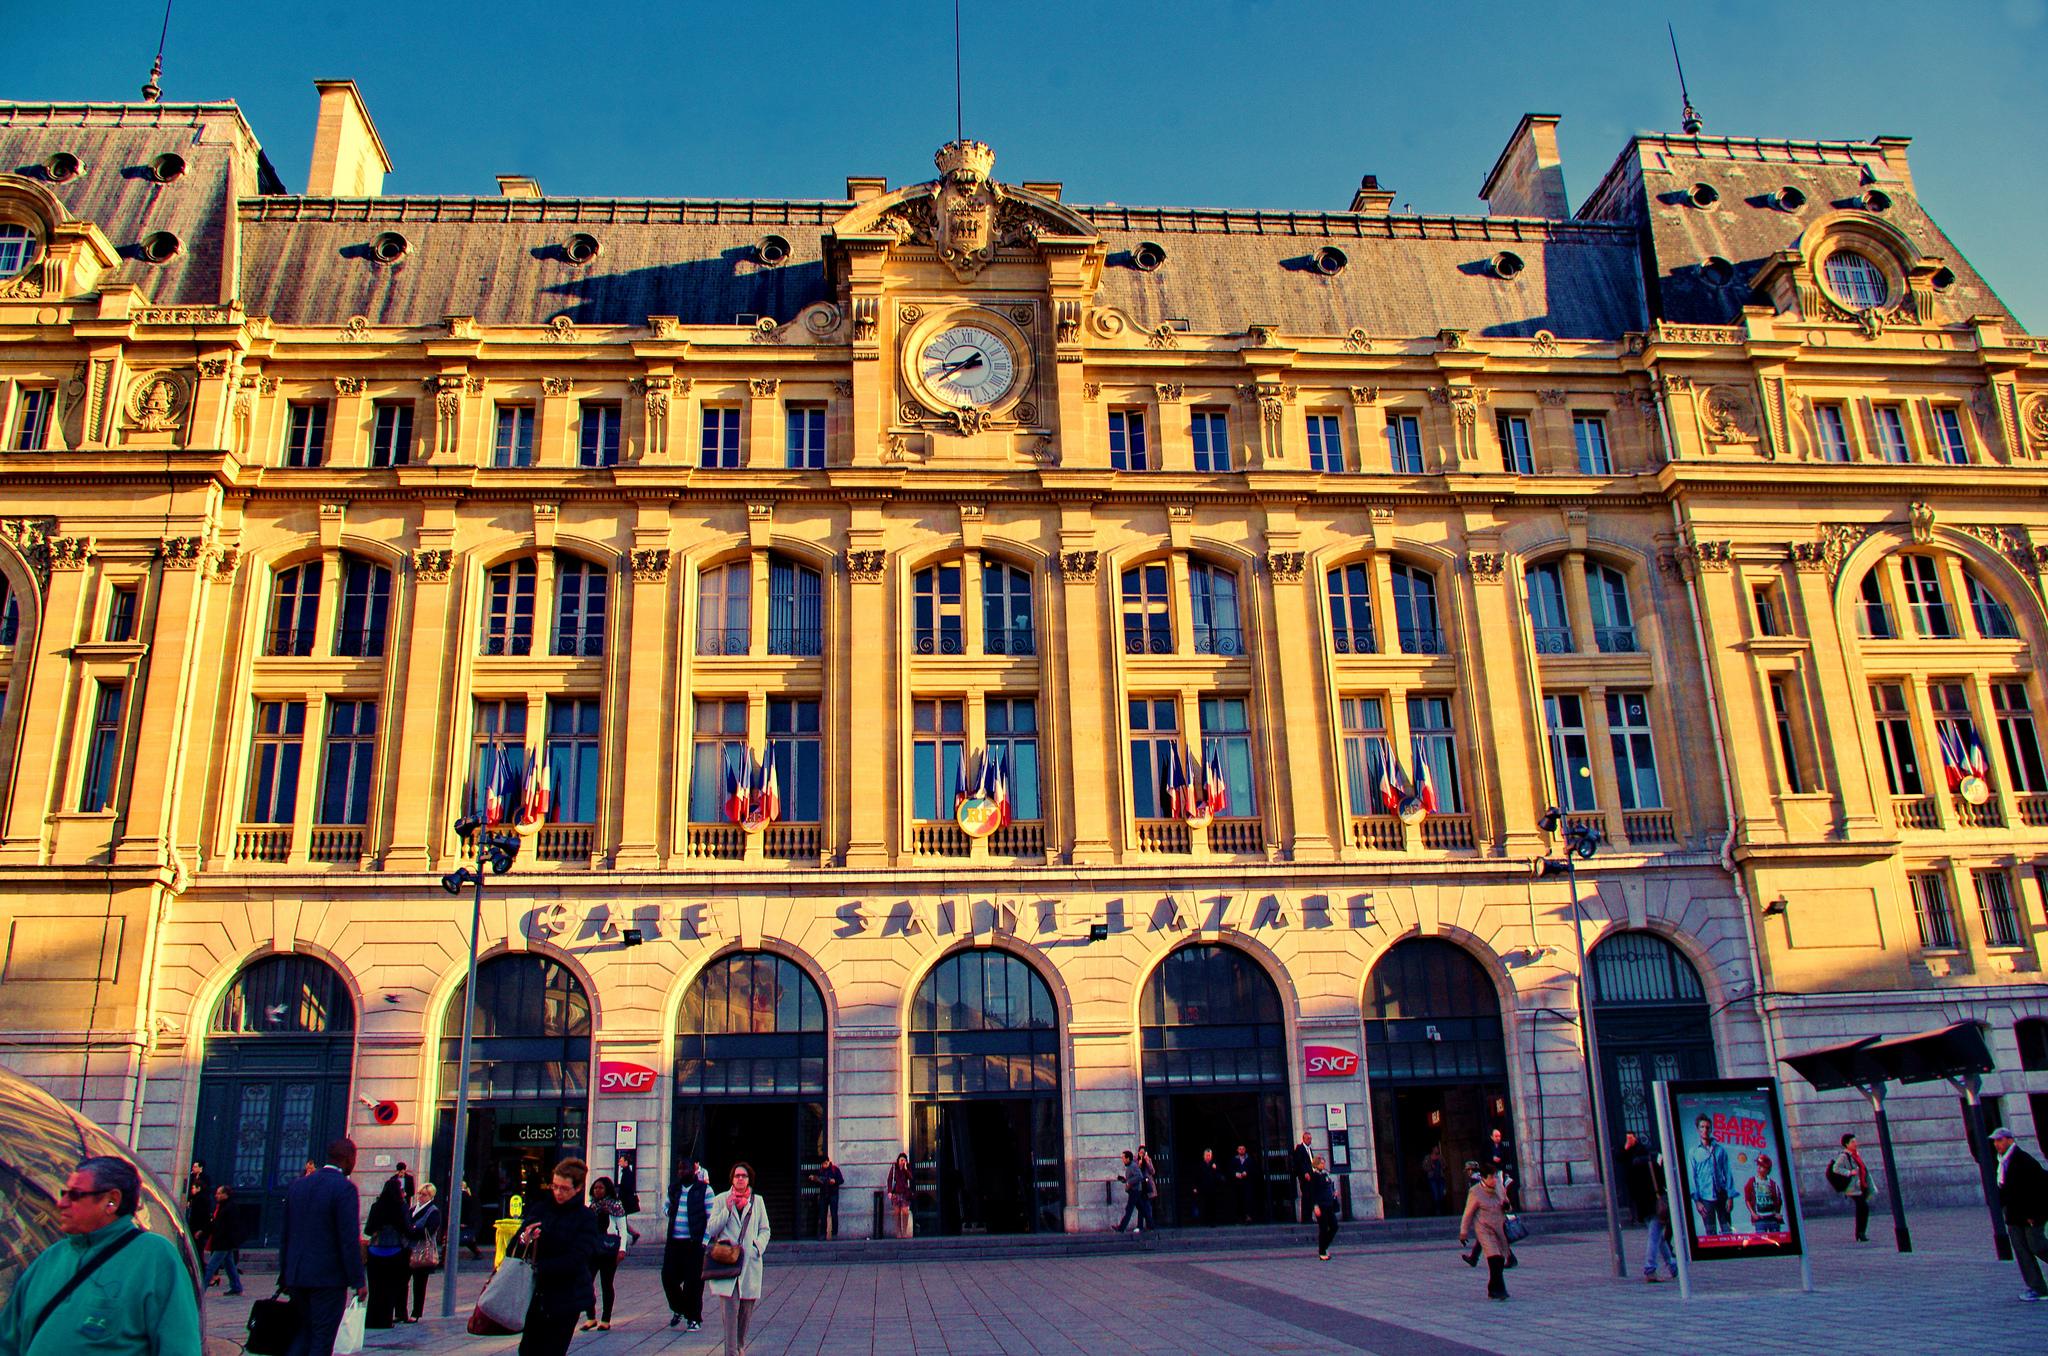 Consigne bagage gare saint lazare eelway blog - Bureau de change paris gare de l est ...